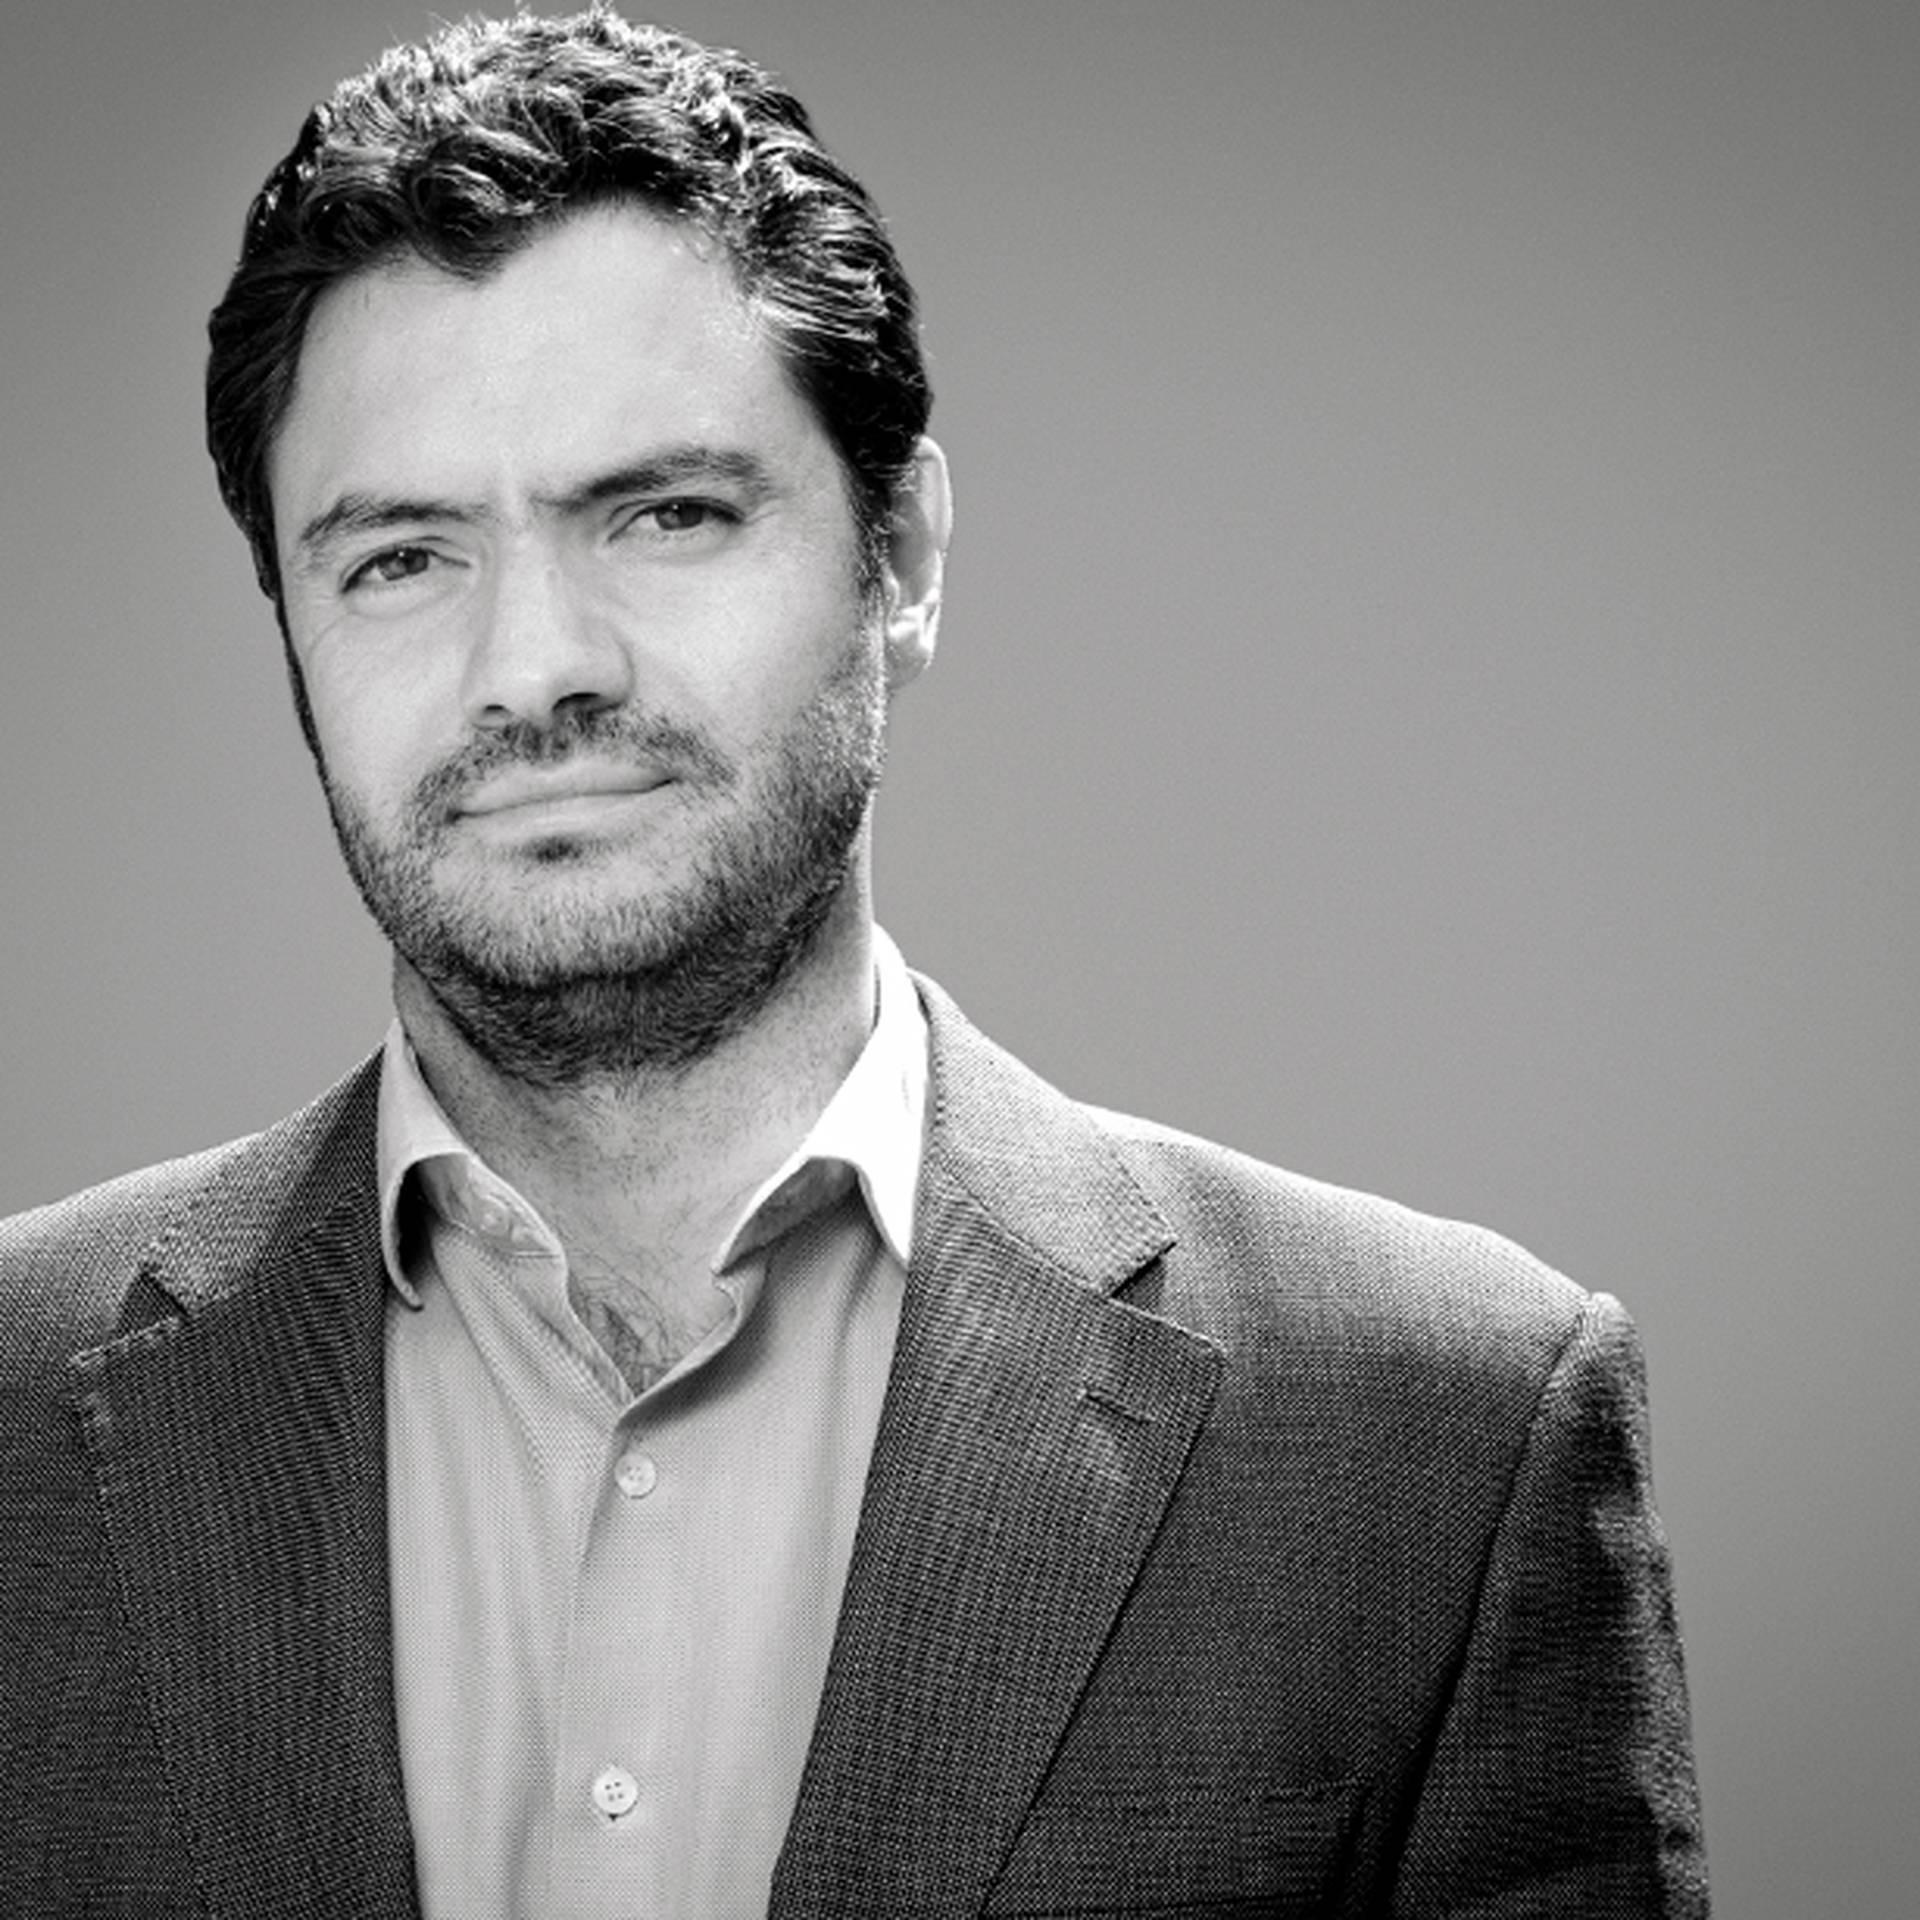 Eduardo Behrentz